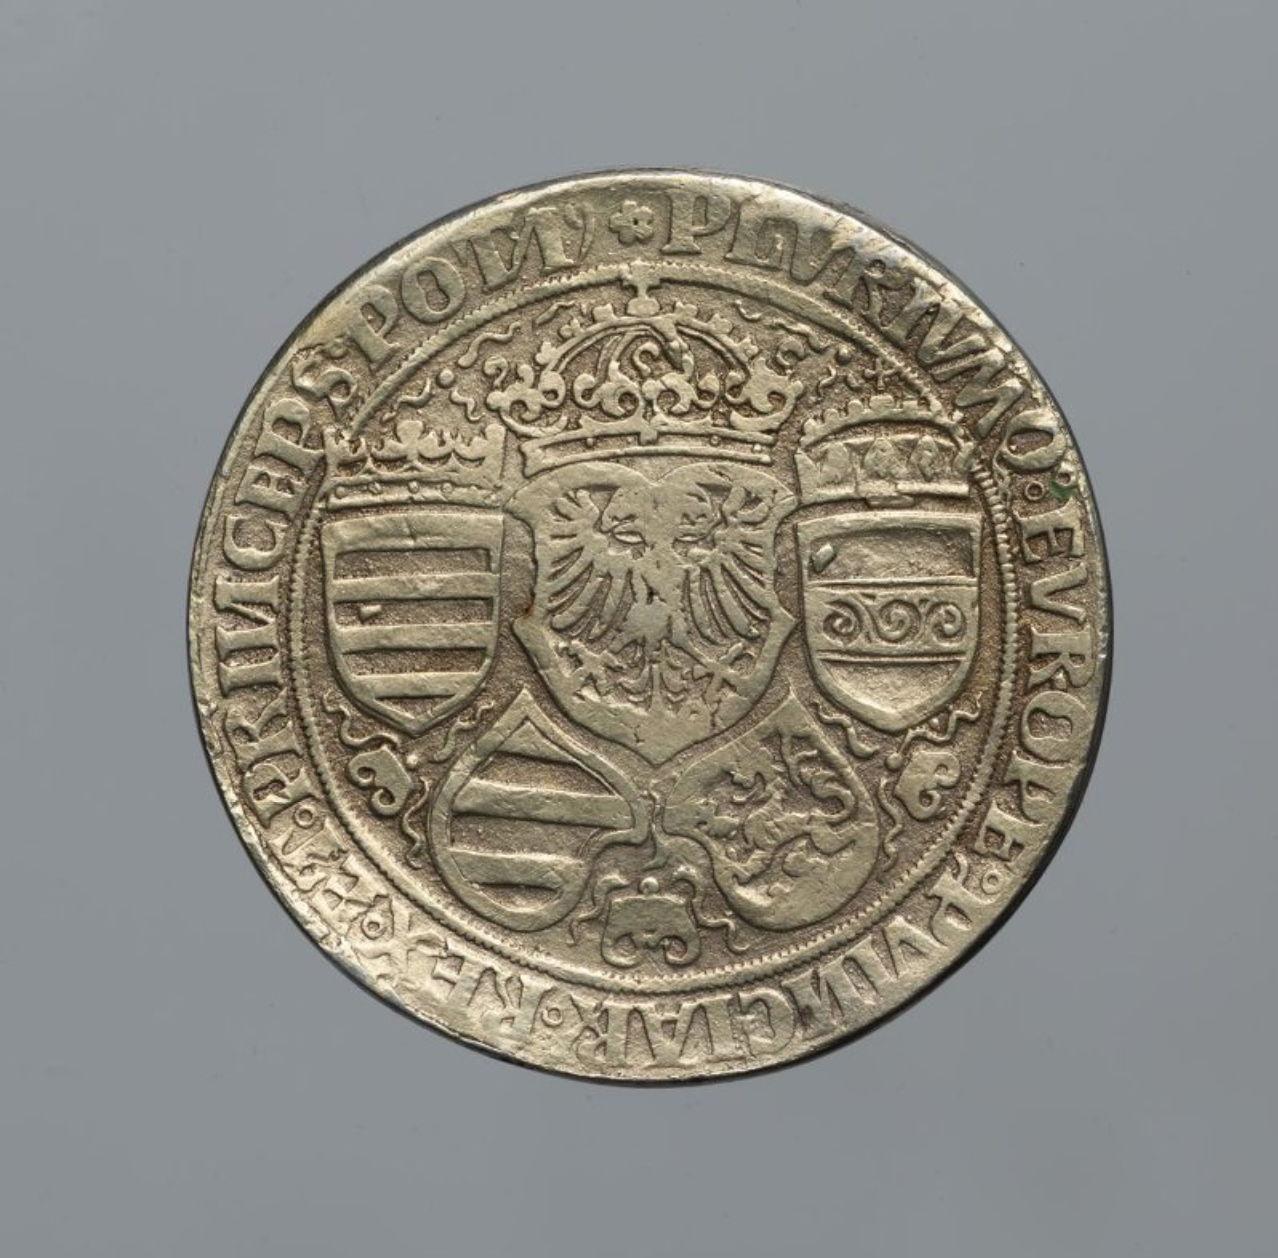 Священная Римская империя. МаксимилианI (1477–1519, император с 1508). Гульдинер без даты. Серебро, чеканка